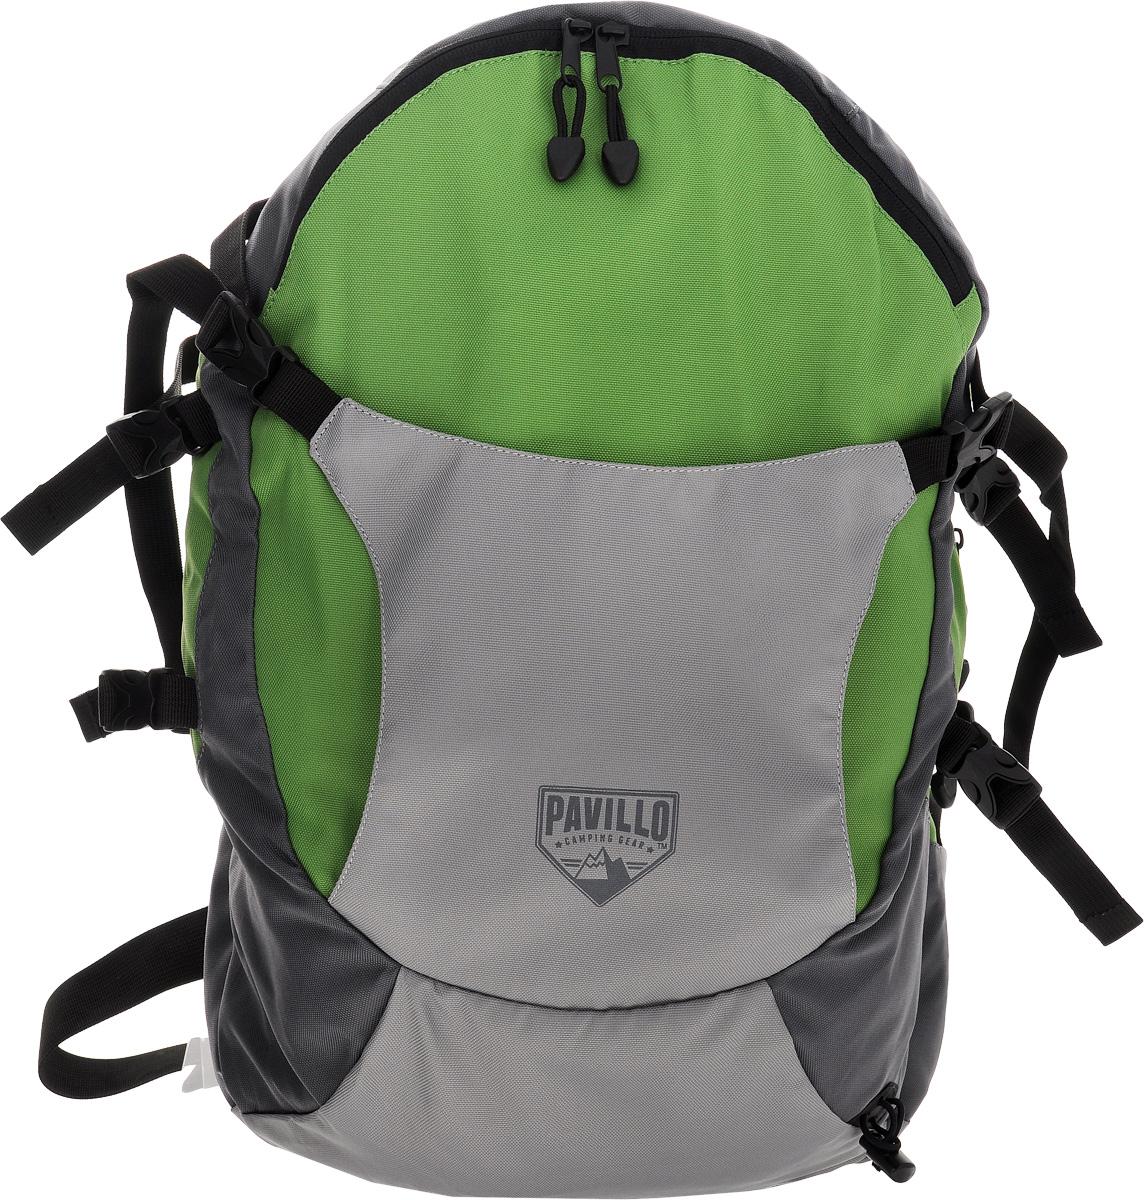 Рюкзак городской Bestway Big Canyon, цвет: серый, зеленый, 30 л. 6801768017_зеленыйСтильный городской рюкзак Bestway Big Canyon выполнен из полиэстера. Изделие имеет два основных отделения, которые закрываются на застежки-молнии и дополнительно на ремешки с застежками-фастекс. Внутри одного из отделений расположен мягкий карман для ноутбука, закрывающийся на хлястик с липучкой. Снаружи, на передней стенке расположены отделение для шлема, фиксирующееся на застежки-фастекс и нашивной карман на застежке-молнии, внутри которого шесть накладных кармашков и два держателя для авторучек. На задней стенке предусмотрен прорезной карман на застежке-молнии. Мягкая спинка с вставками из сетчатого материала комфортна при движении. Рюкзак оснащен широкими мягкими регулирующими лямками, удобной ручкой для переноски в руках и поясным регулирующим ремнем с застежкой-фастекс. Поясной ремень дополнен боковыми мягкими вставками. Лямки дополнены перемещаемым регулирующим нагрудным ремнем с застежкой-фастекс. Такой рюкзак станет незаменимым в повседневной жизни.